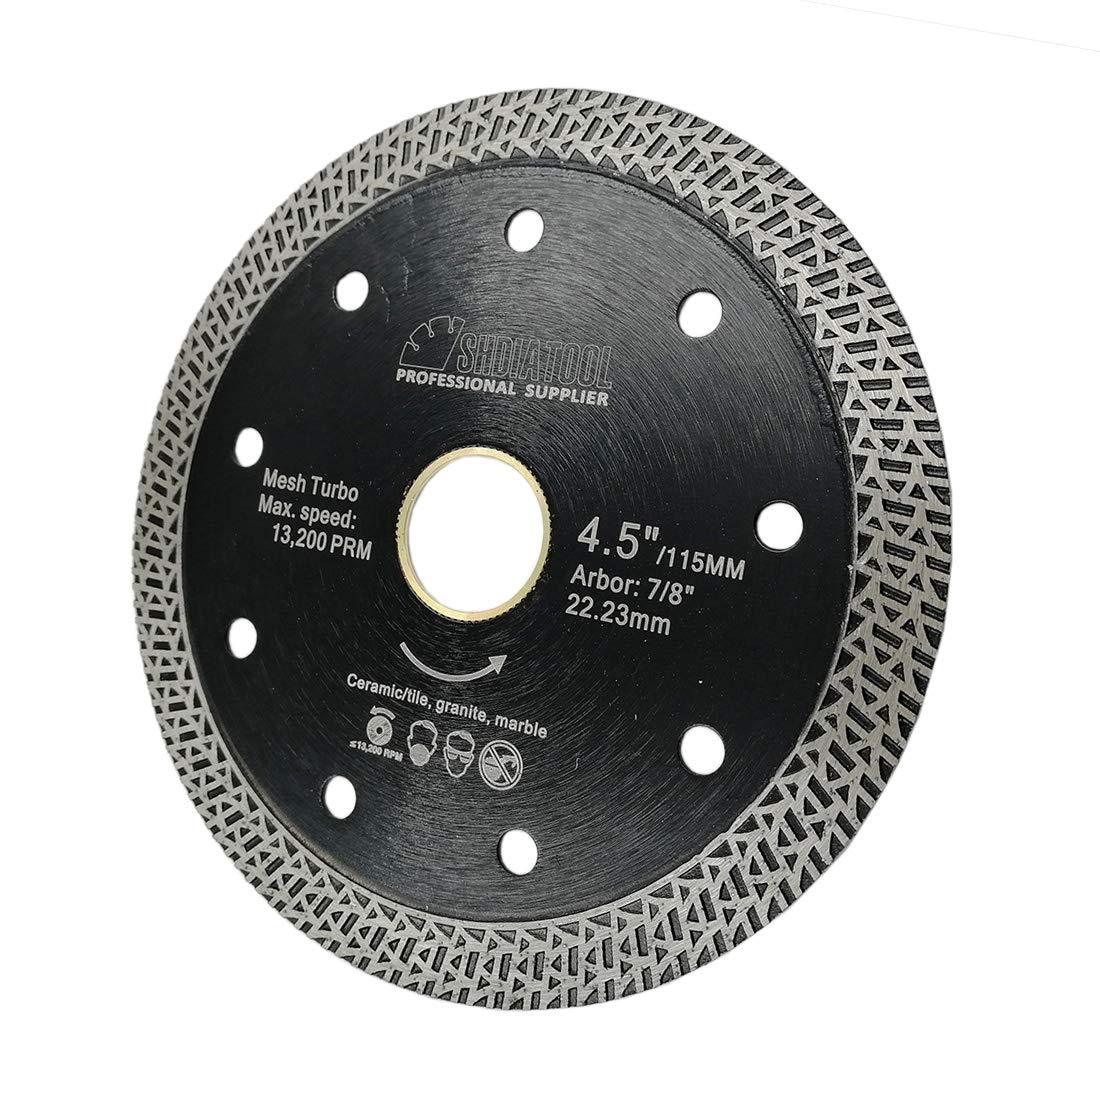 Cuchilla de porcelana con malla Turbo Rim Segment Cutting Tile Ceramic Granite Marble SHDIATOOL Diamond